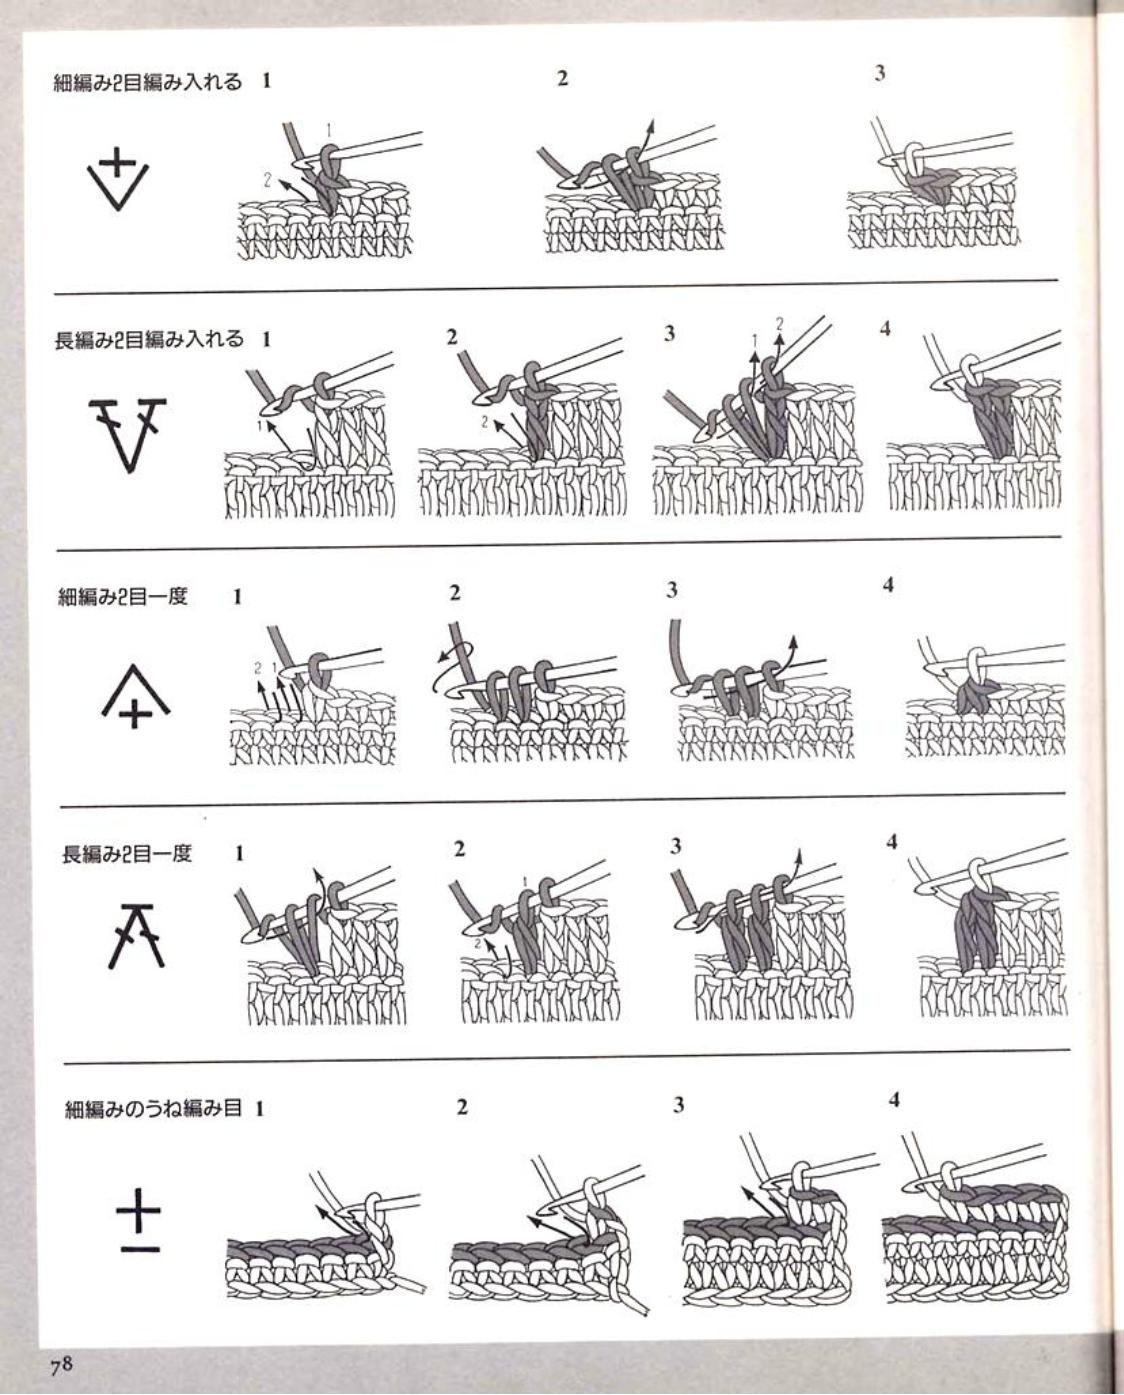 GANCH Y YO: COMO LEER PATRONES CROCHET EN JAPONES | String Theory ...